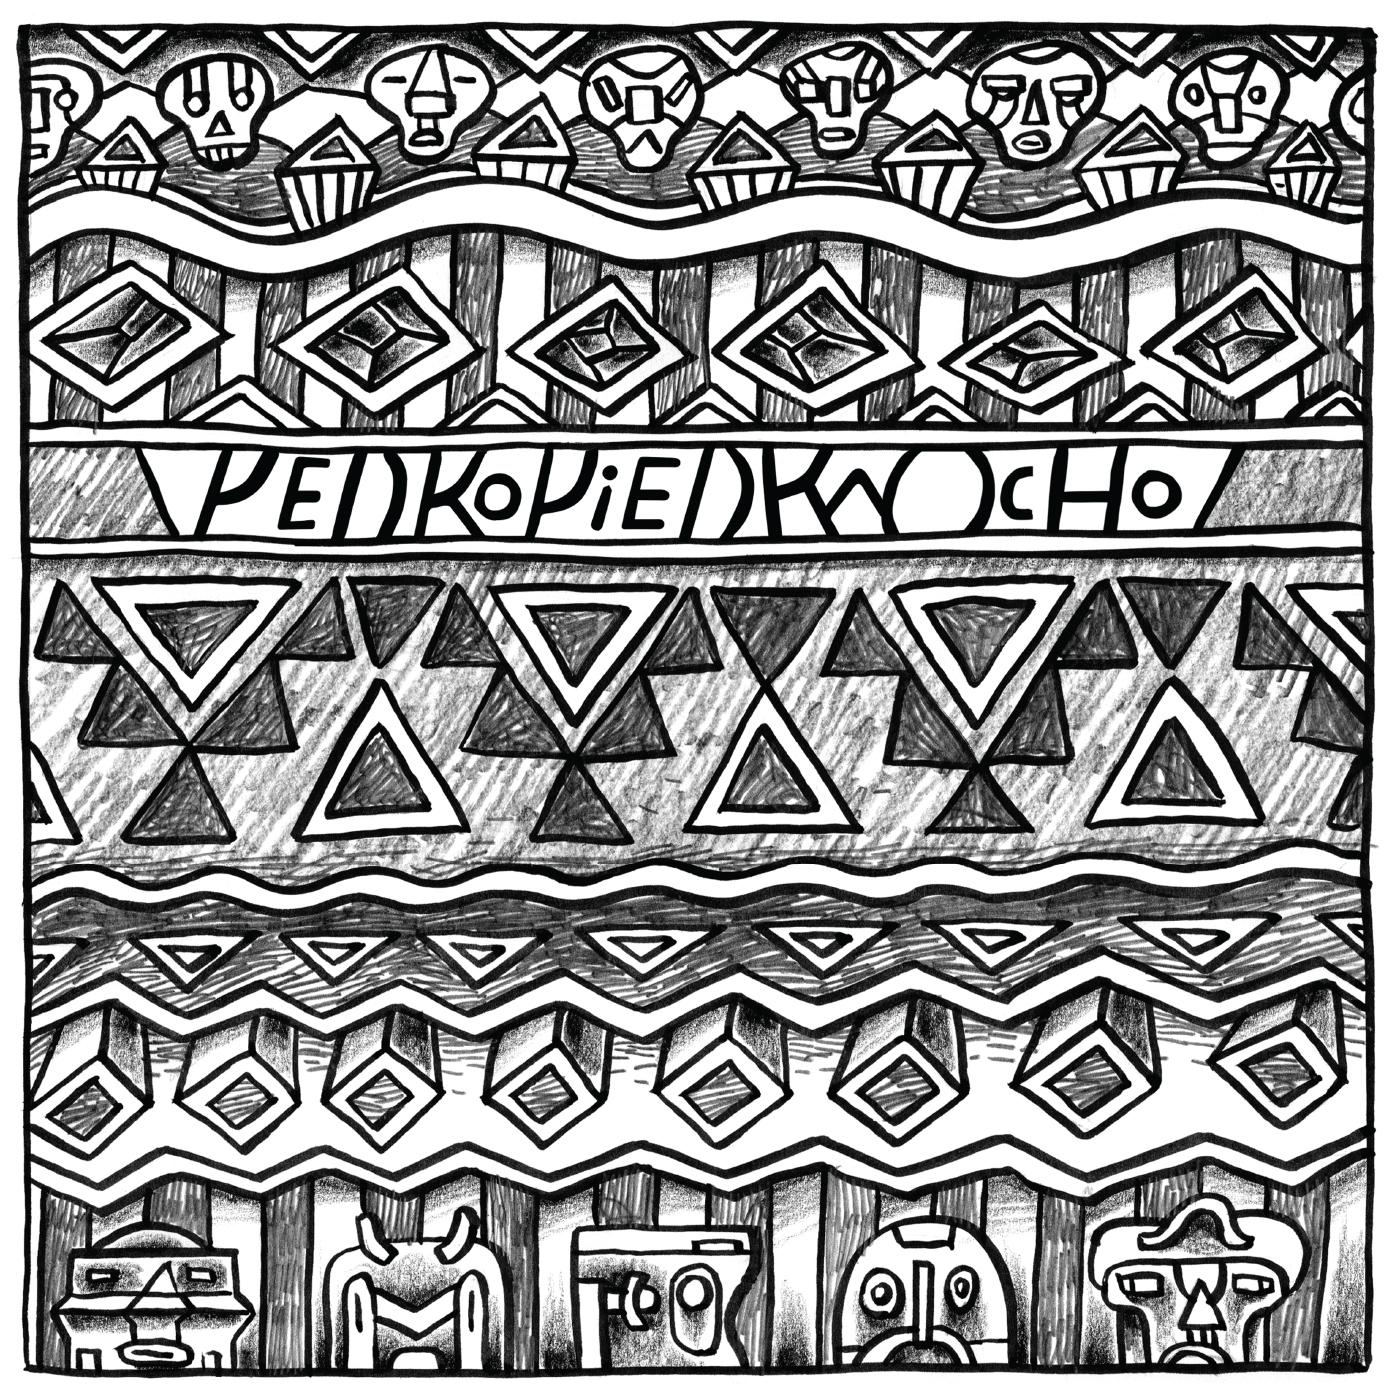 Pedropiedra - Ocho (CD)